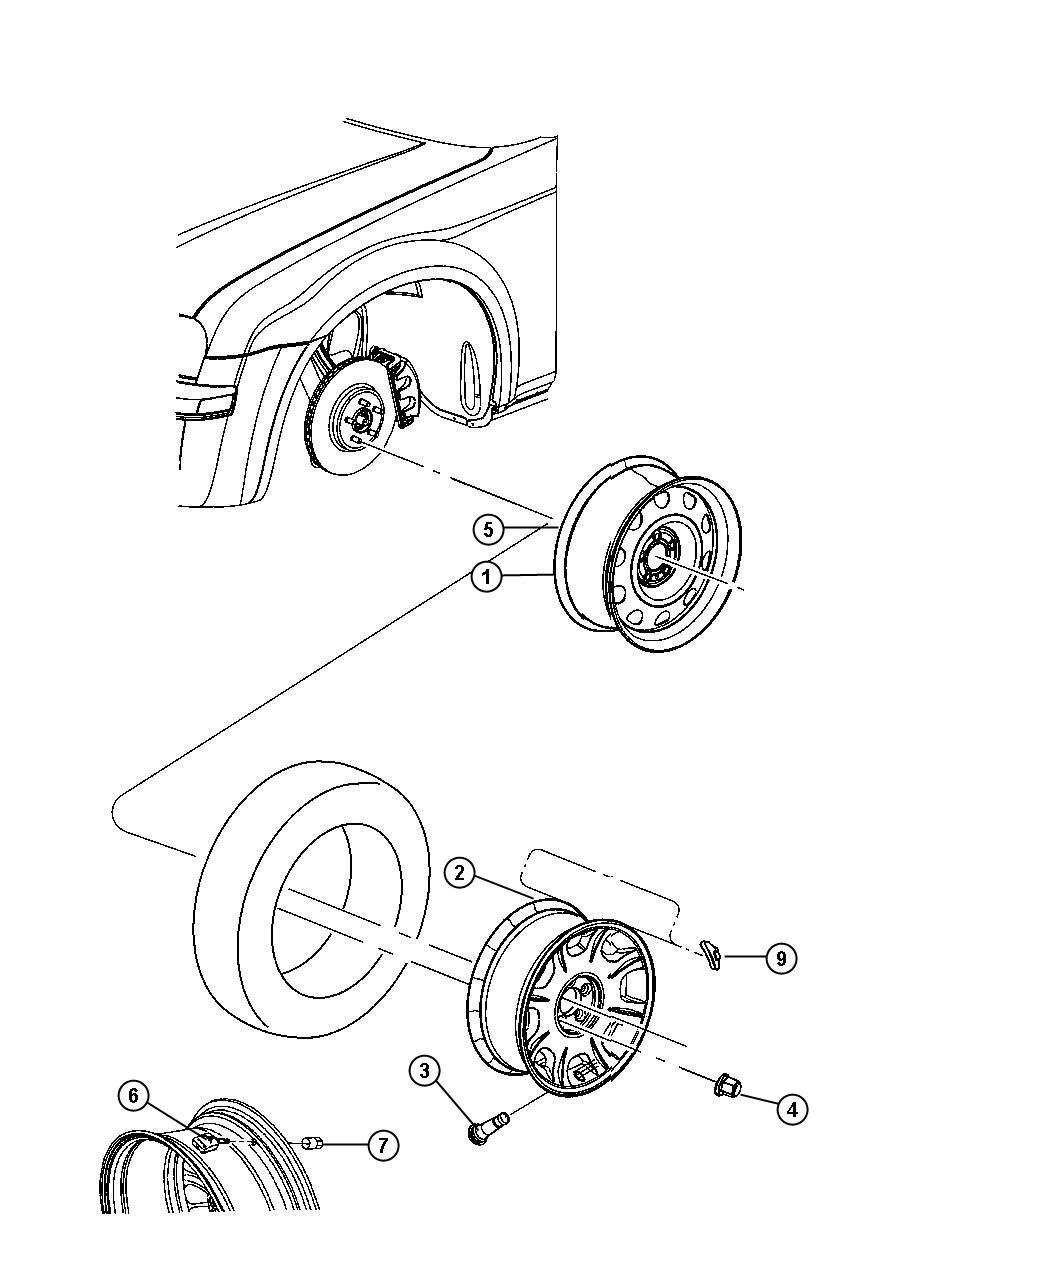 Dodge Charger Wheel Aluminum Color No Description